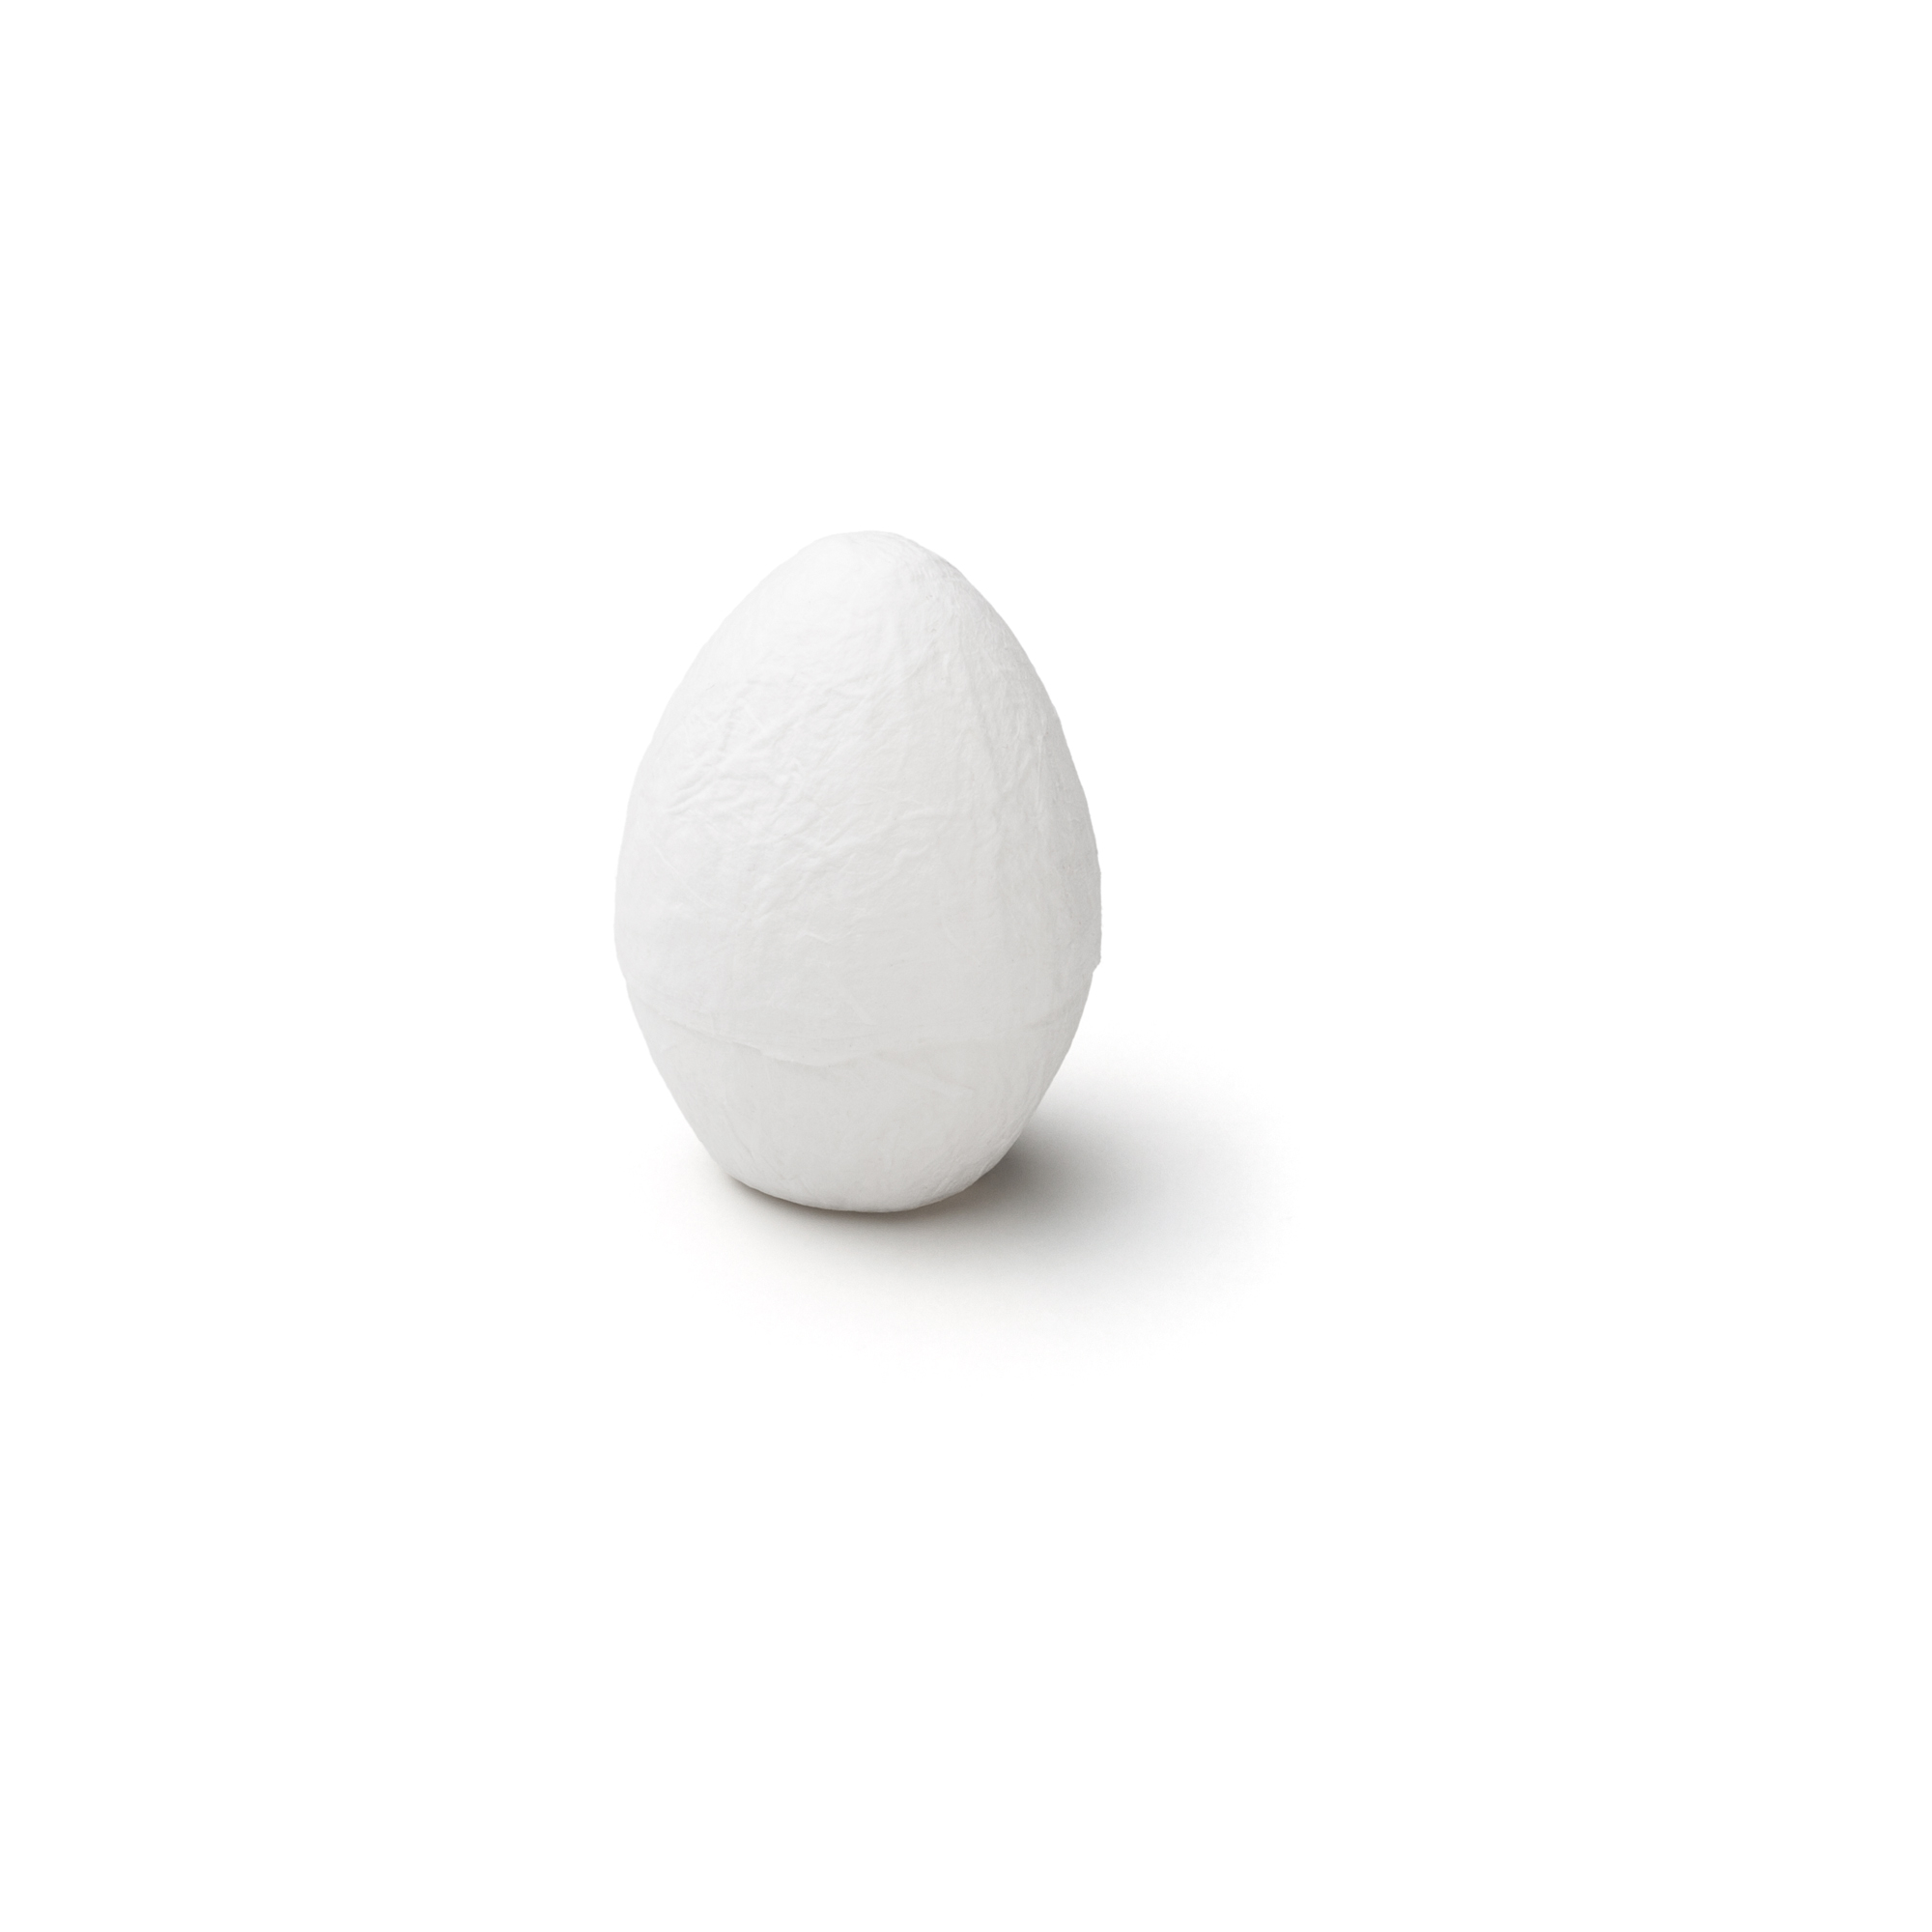 EGG PACKAGING standard white